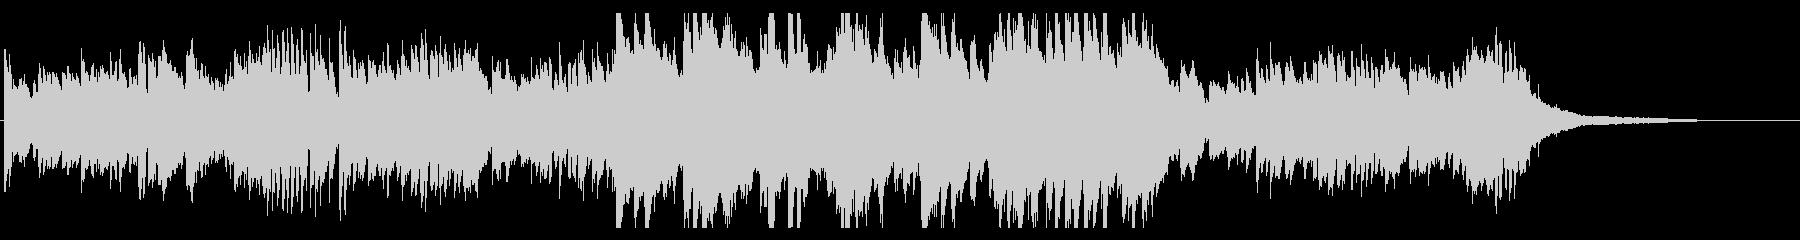 キラキラ繊細なピアノのオープニング・1分の未再生の波形